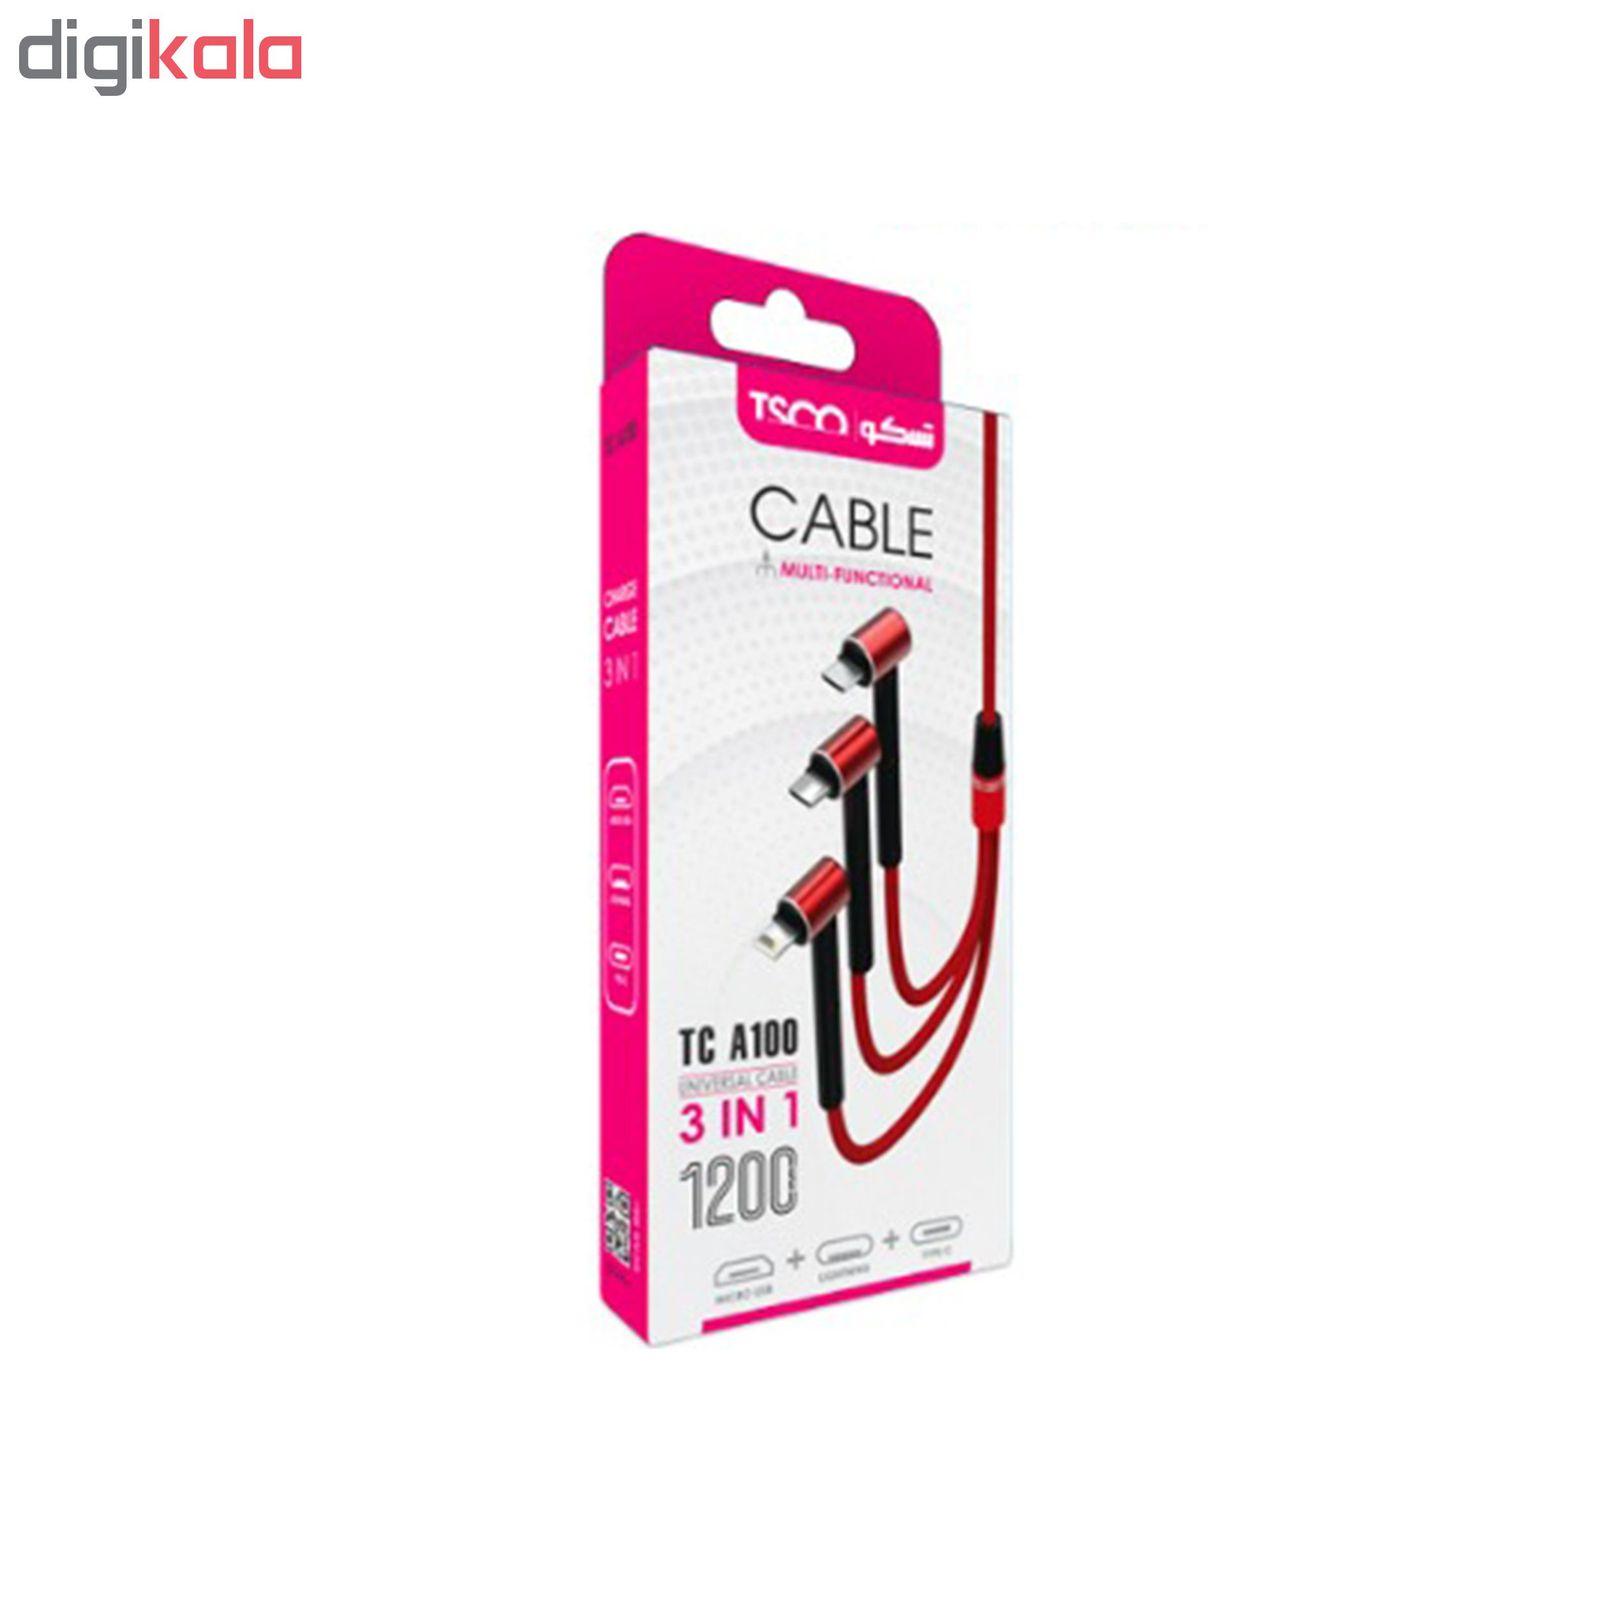 کابل تبدیل USB به MicroUSB/Lightning/USB-C تسکو مدل TC A100 طول 1.2 متر main 1 6